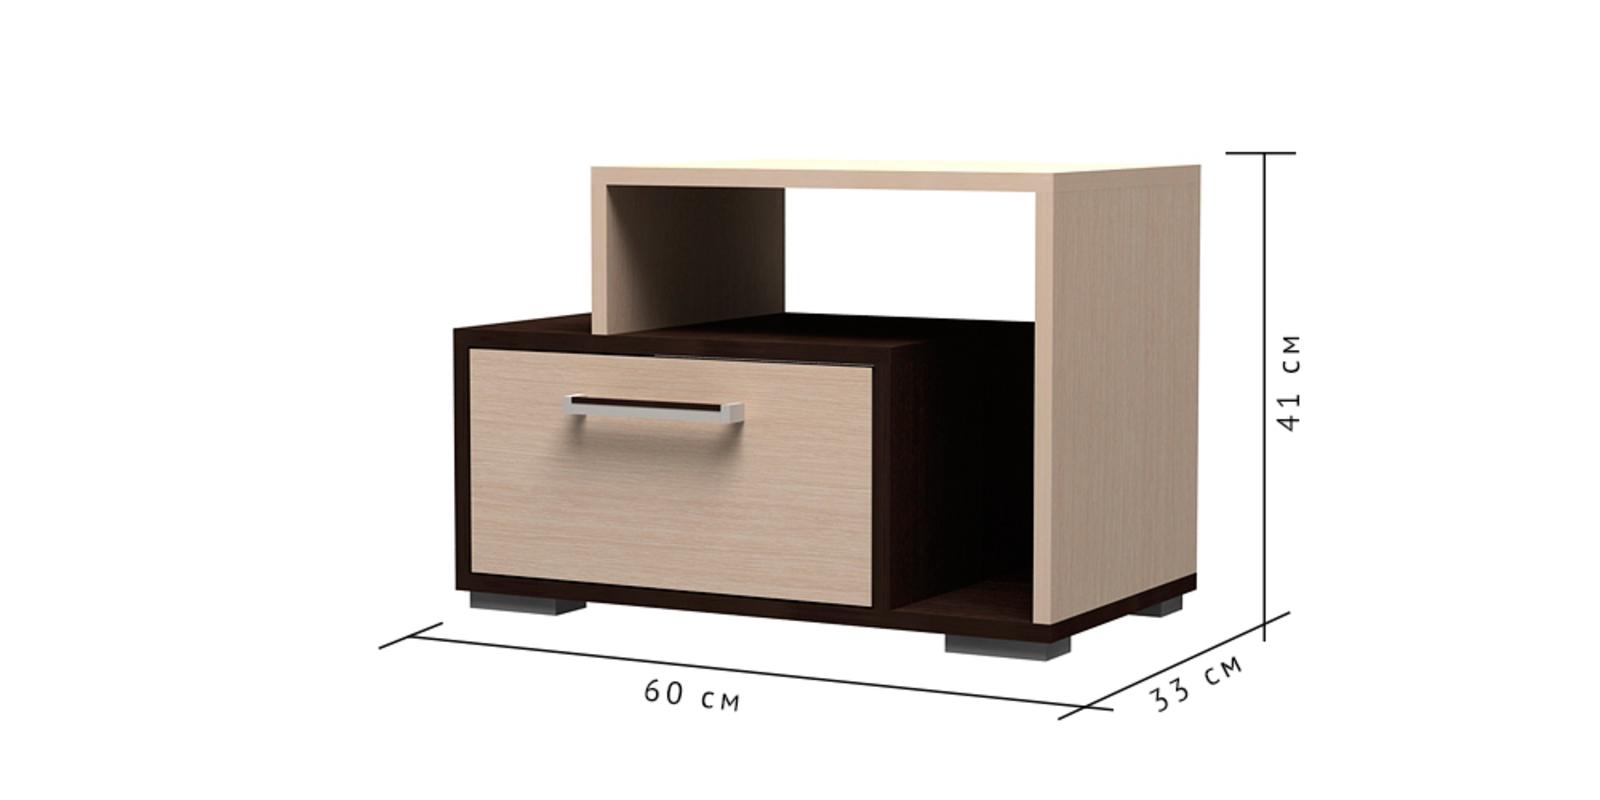 Тумба прикроватная Медея вариант №2 (венге/дуб белфорт)